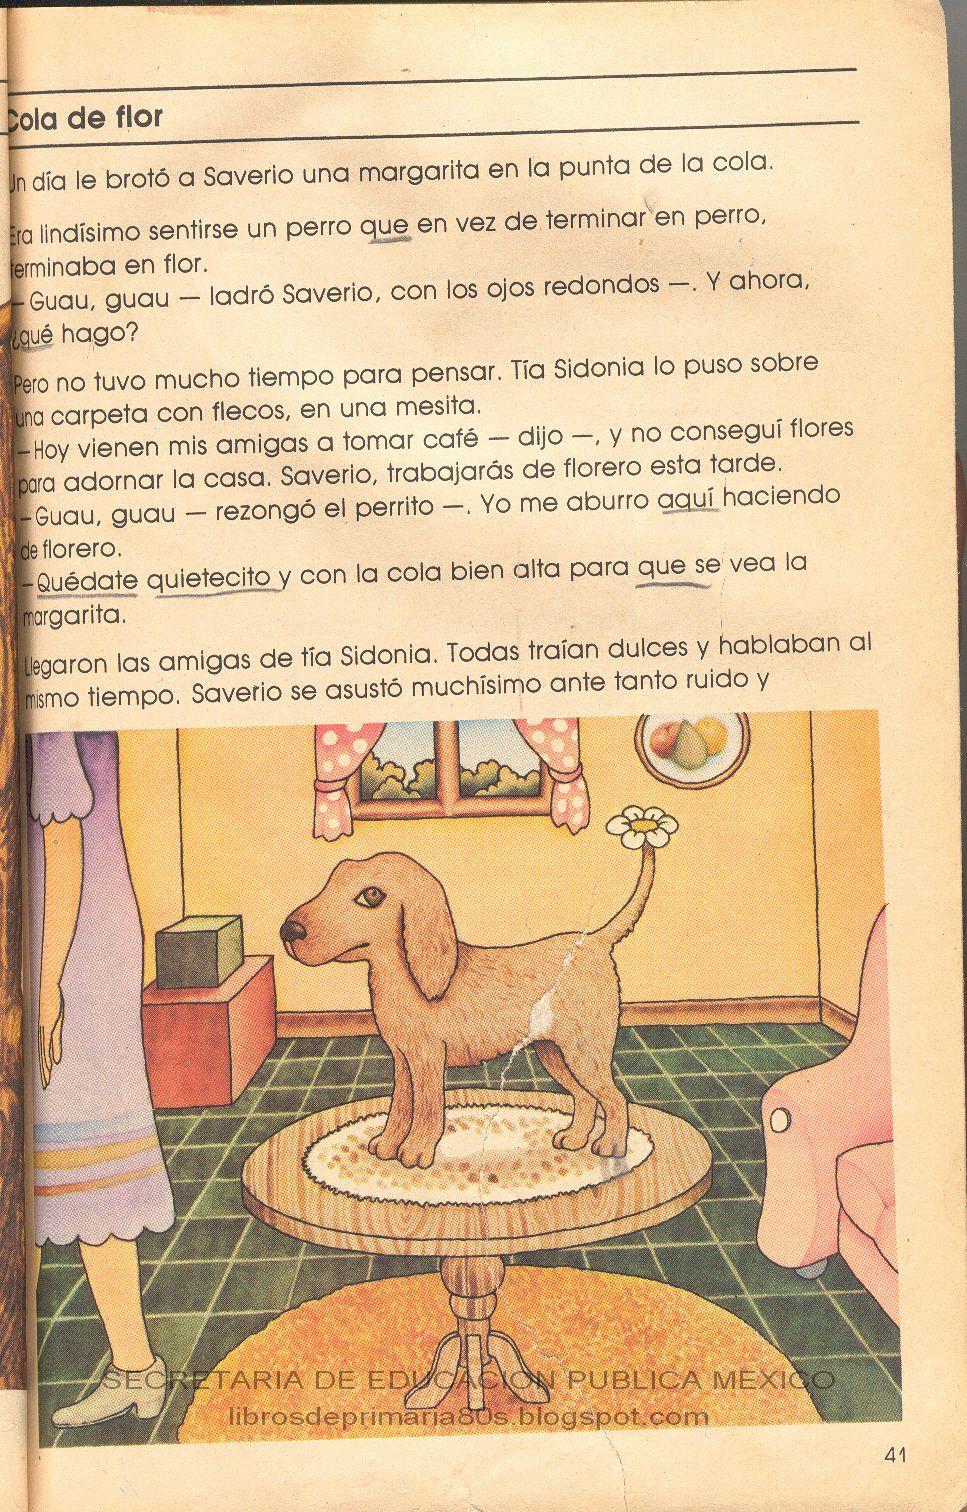 Vieja de 41 anos de colombia muestra su abierto conjo rojo - 2 part 2